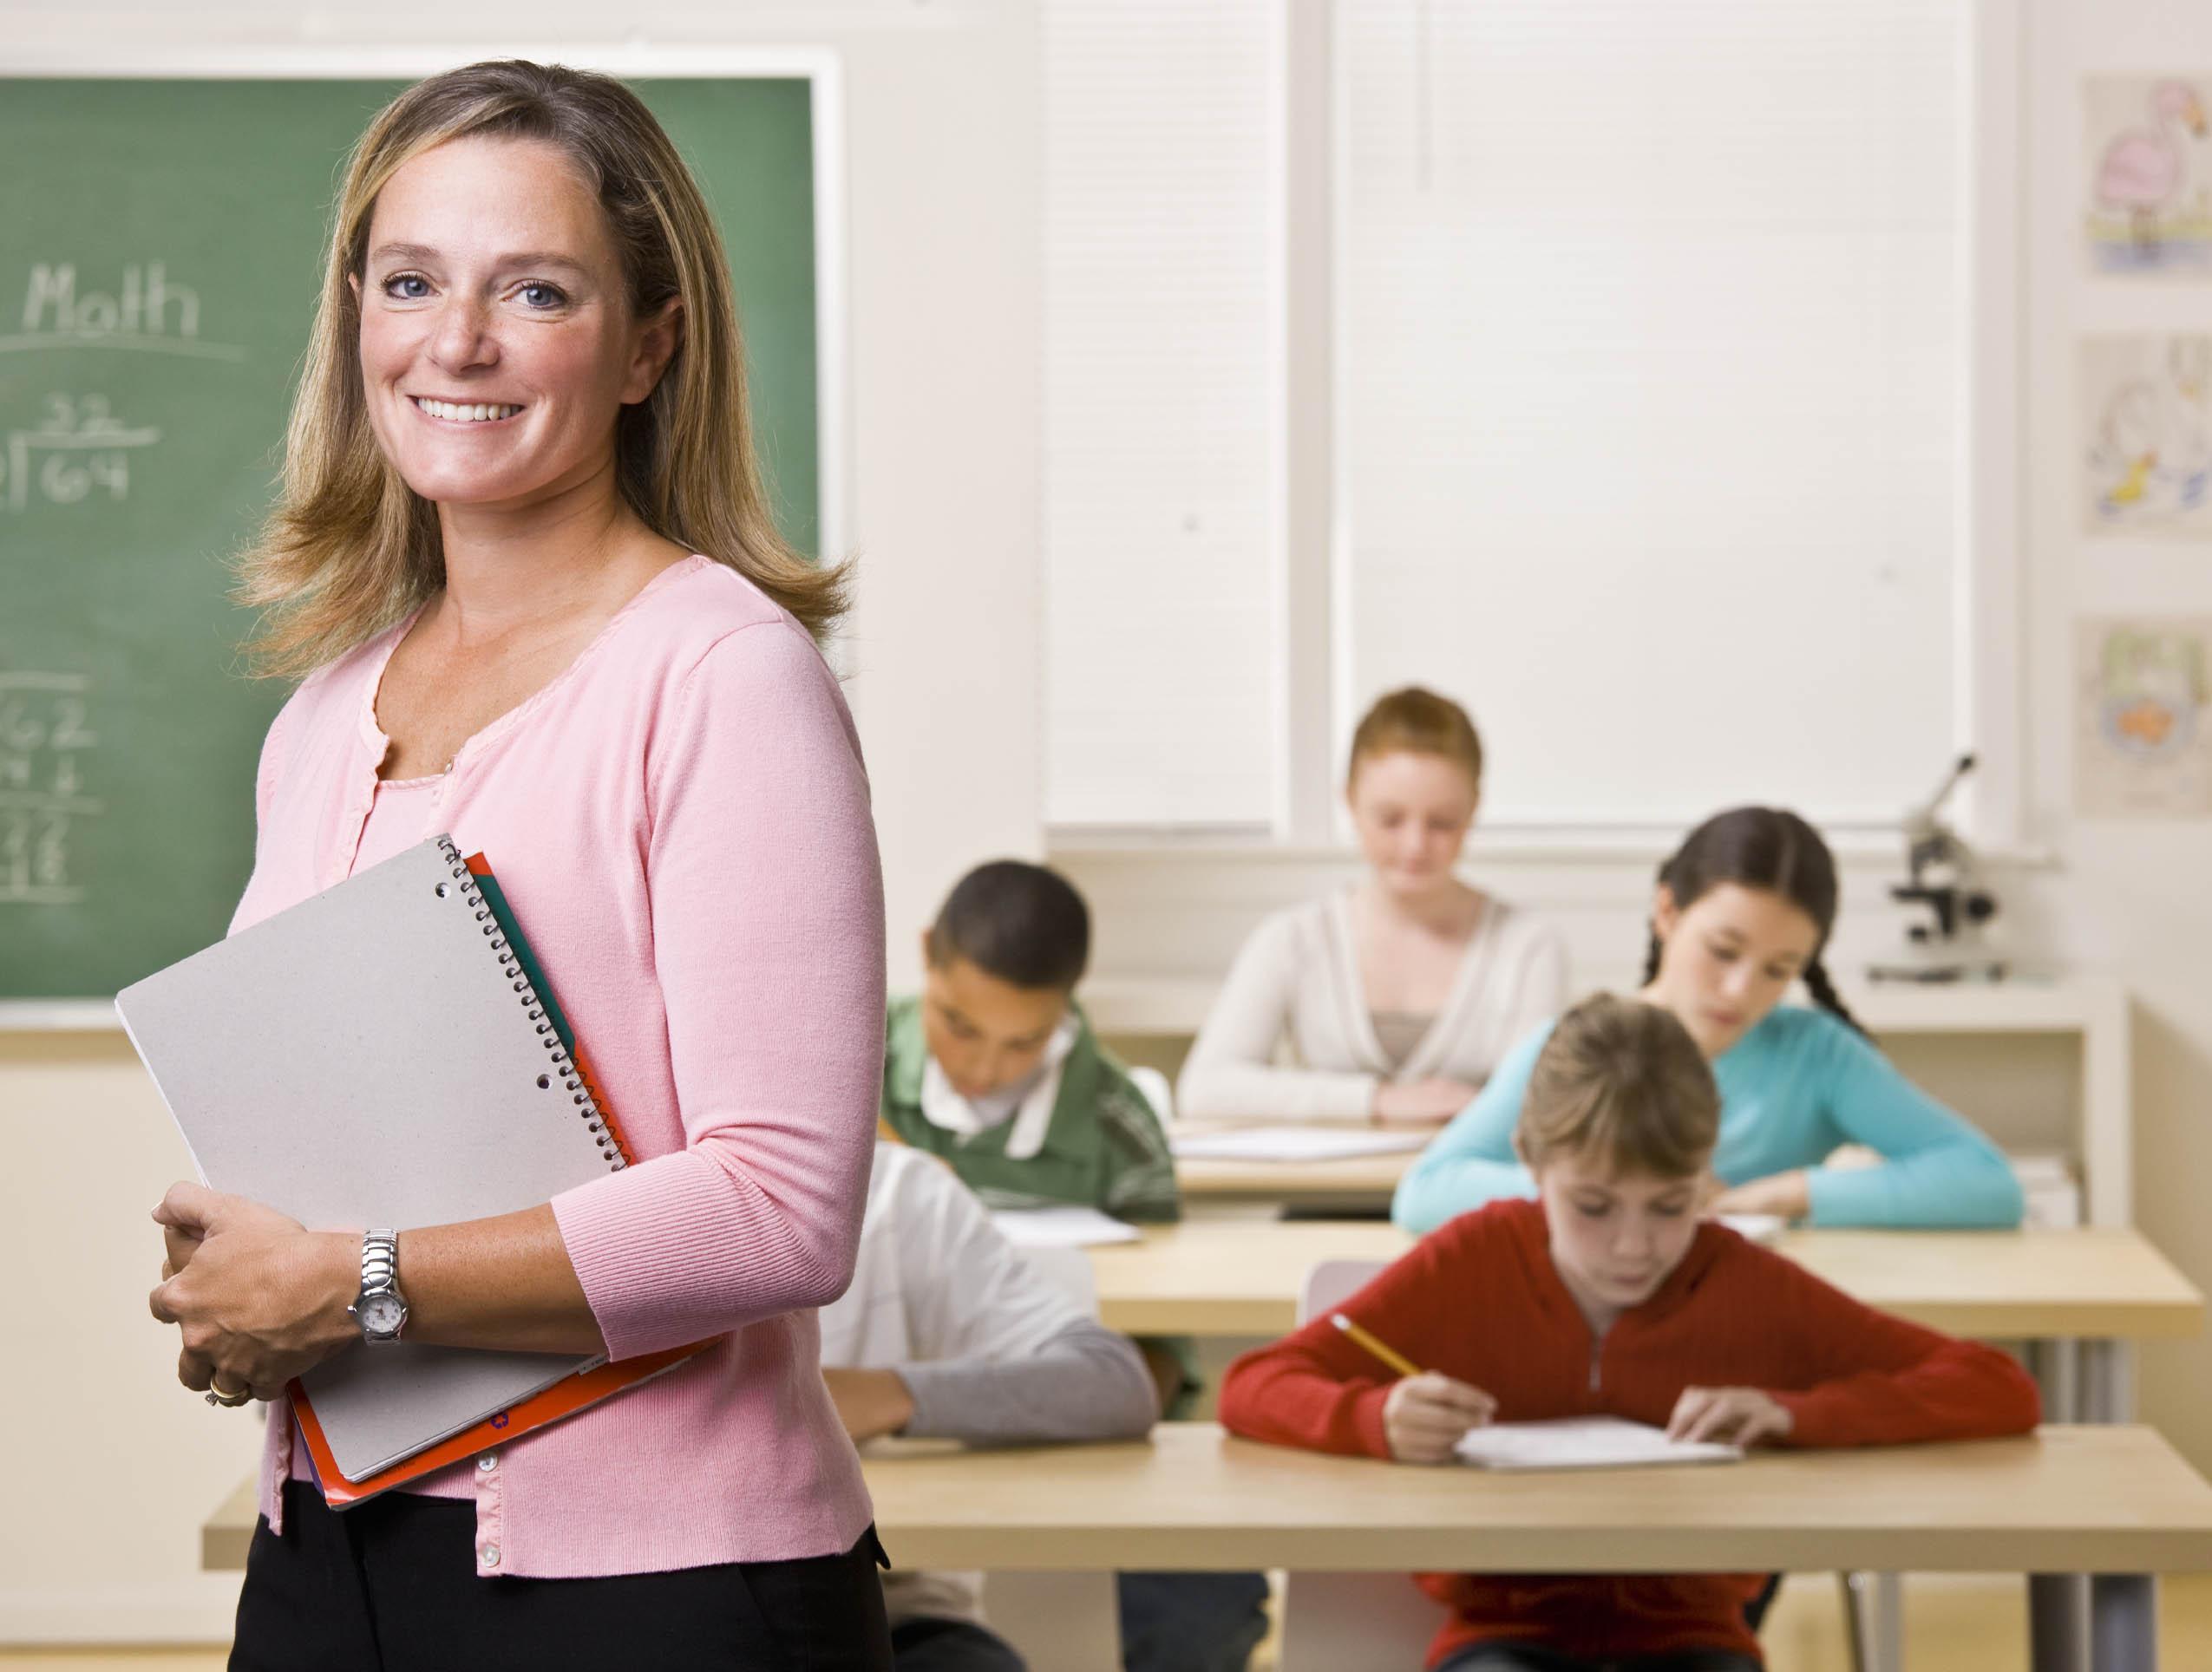 В 2020 году в Тверской области по программе «Земский учитель» планируется оказать поддержку 11 педагогам